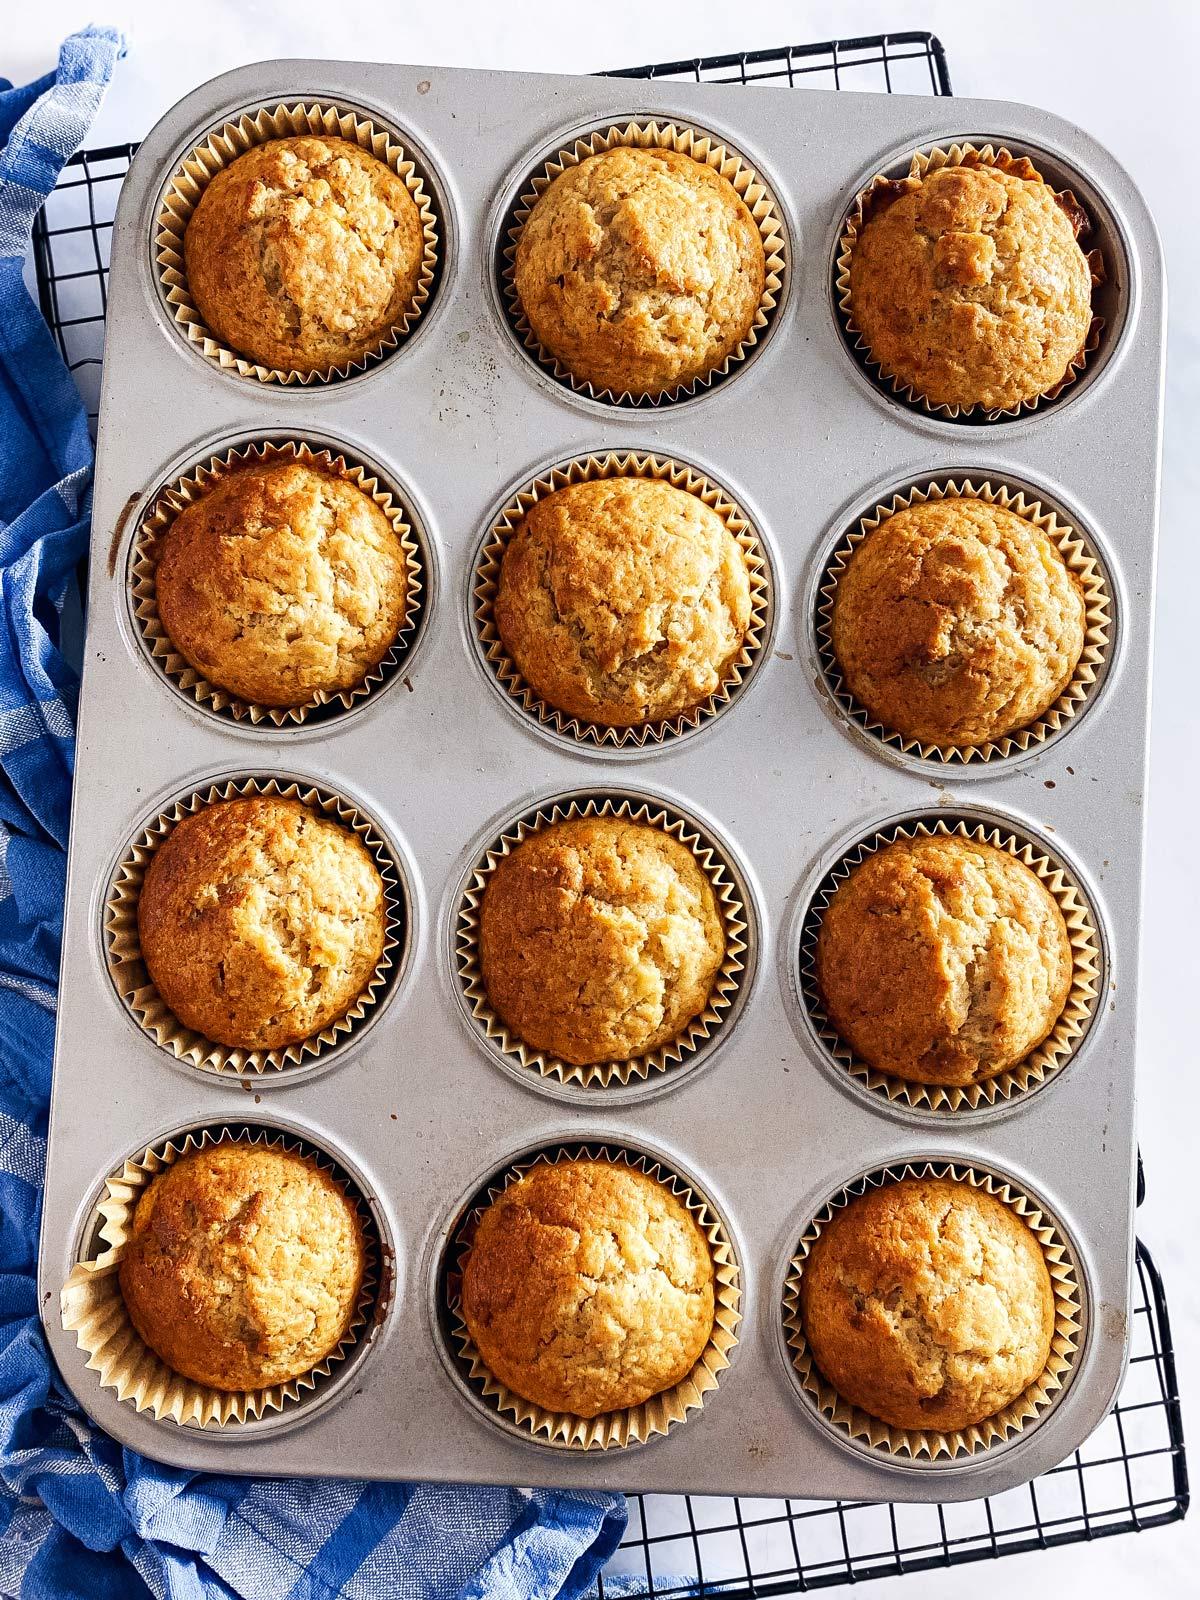 Muffinblech mit gebackenen Bananenmuffins